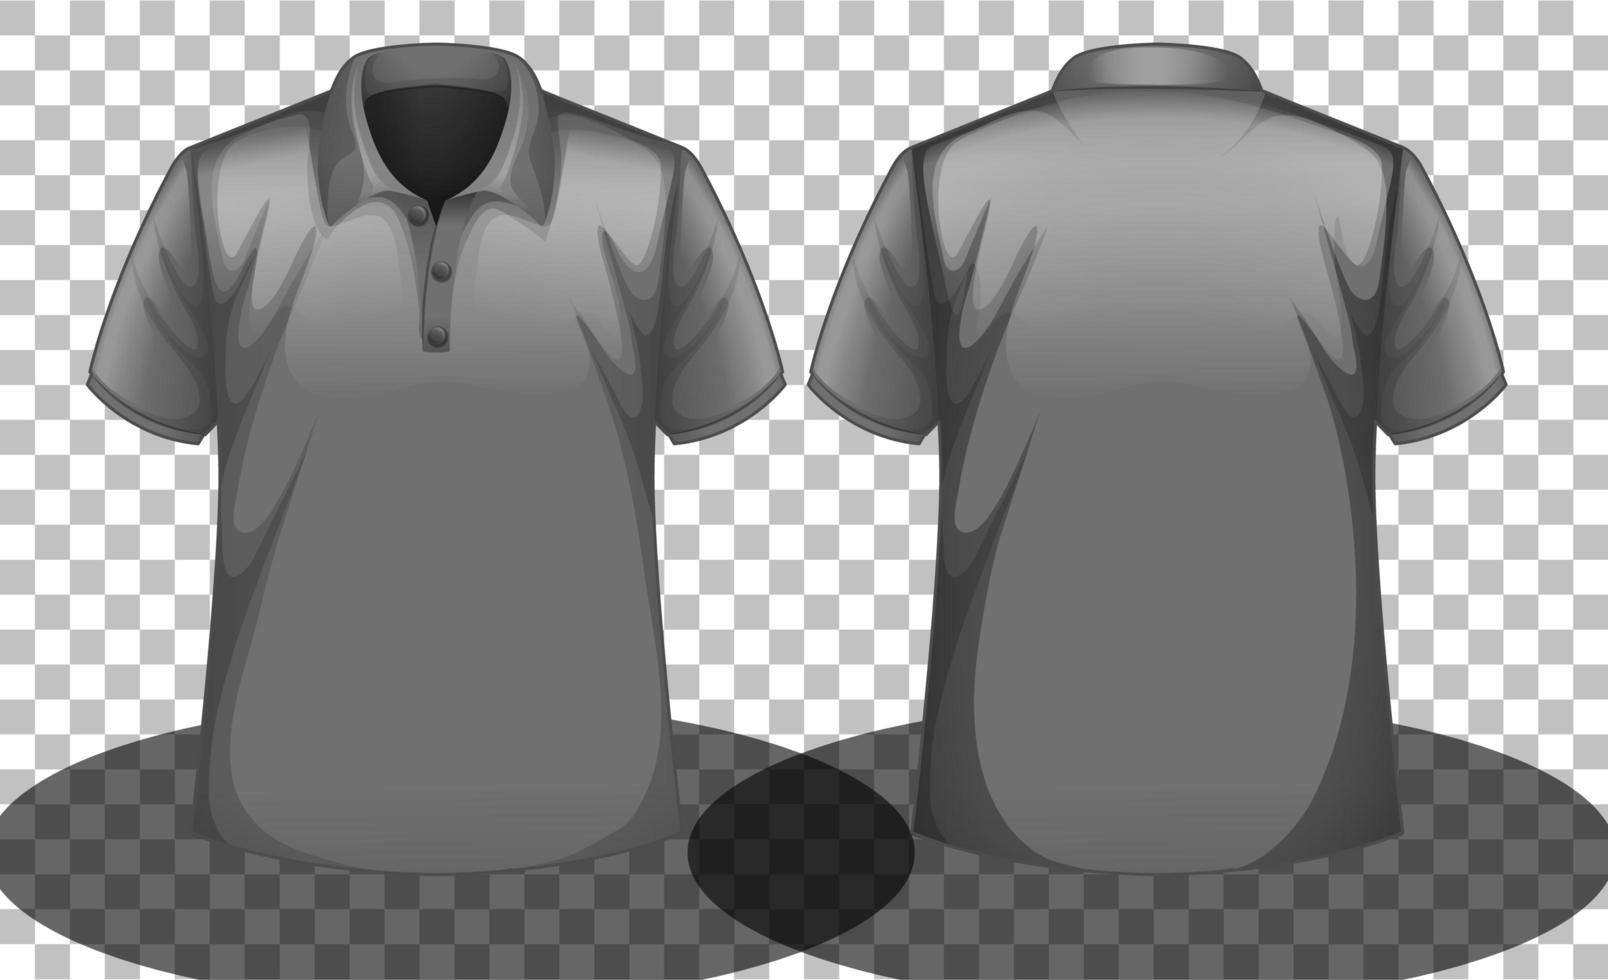 grijs poloshirt mock-up met voor- en achterkant vector